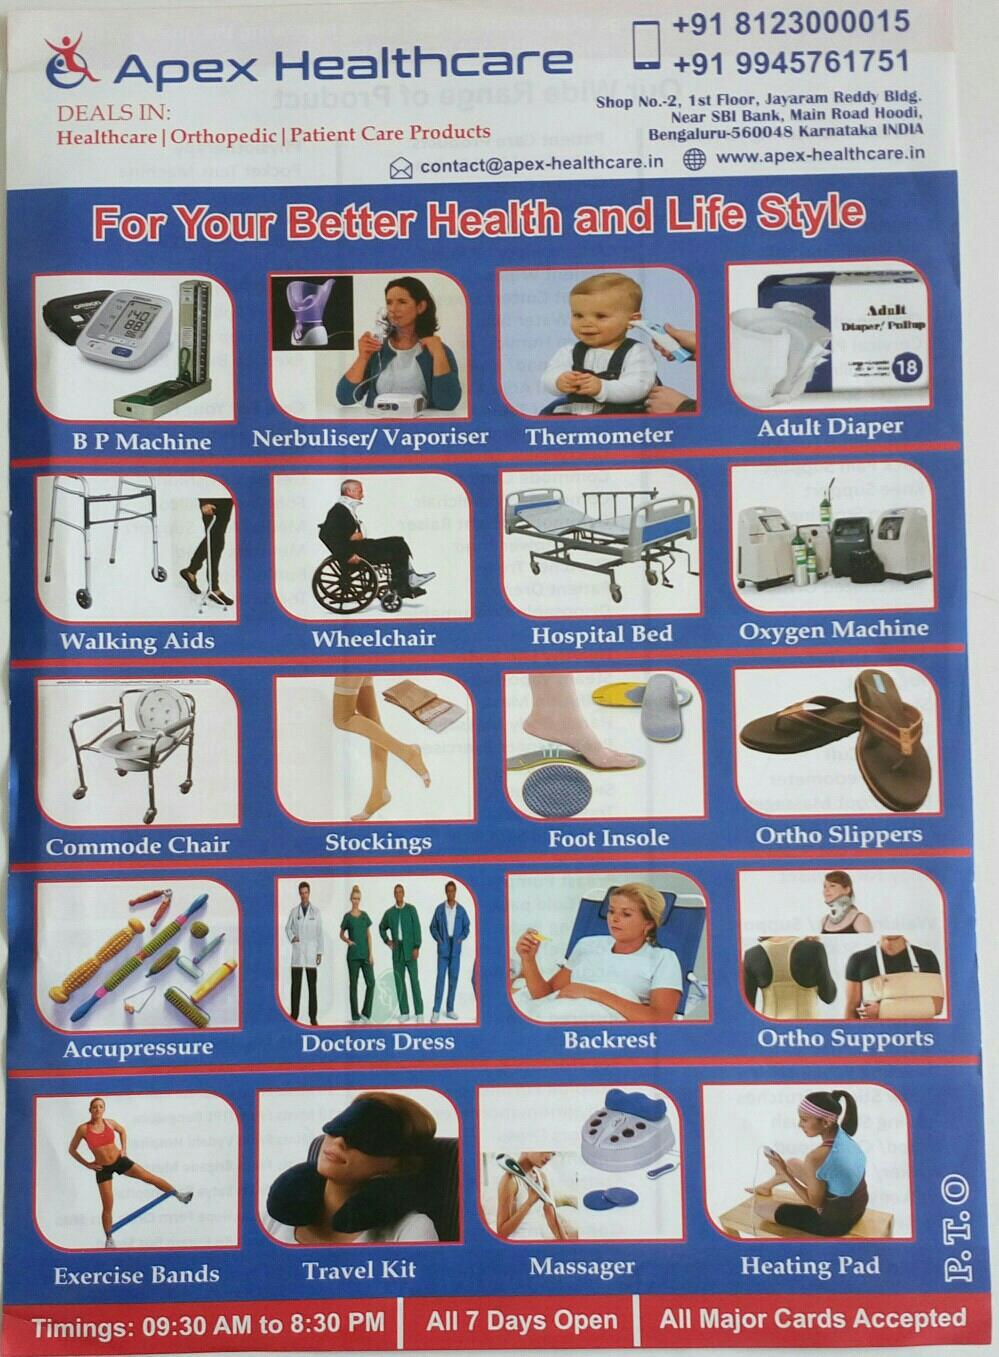 Apex Healthcare